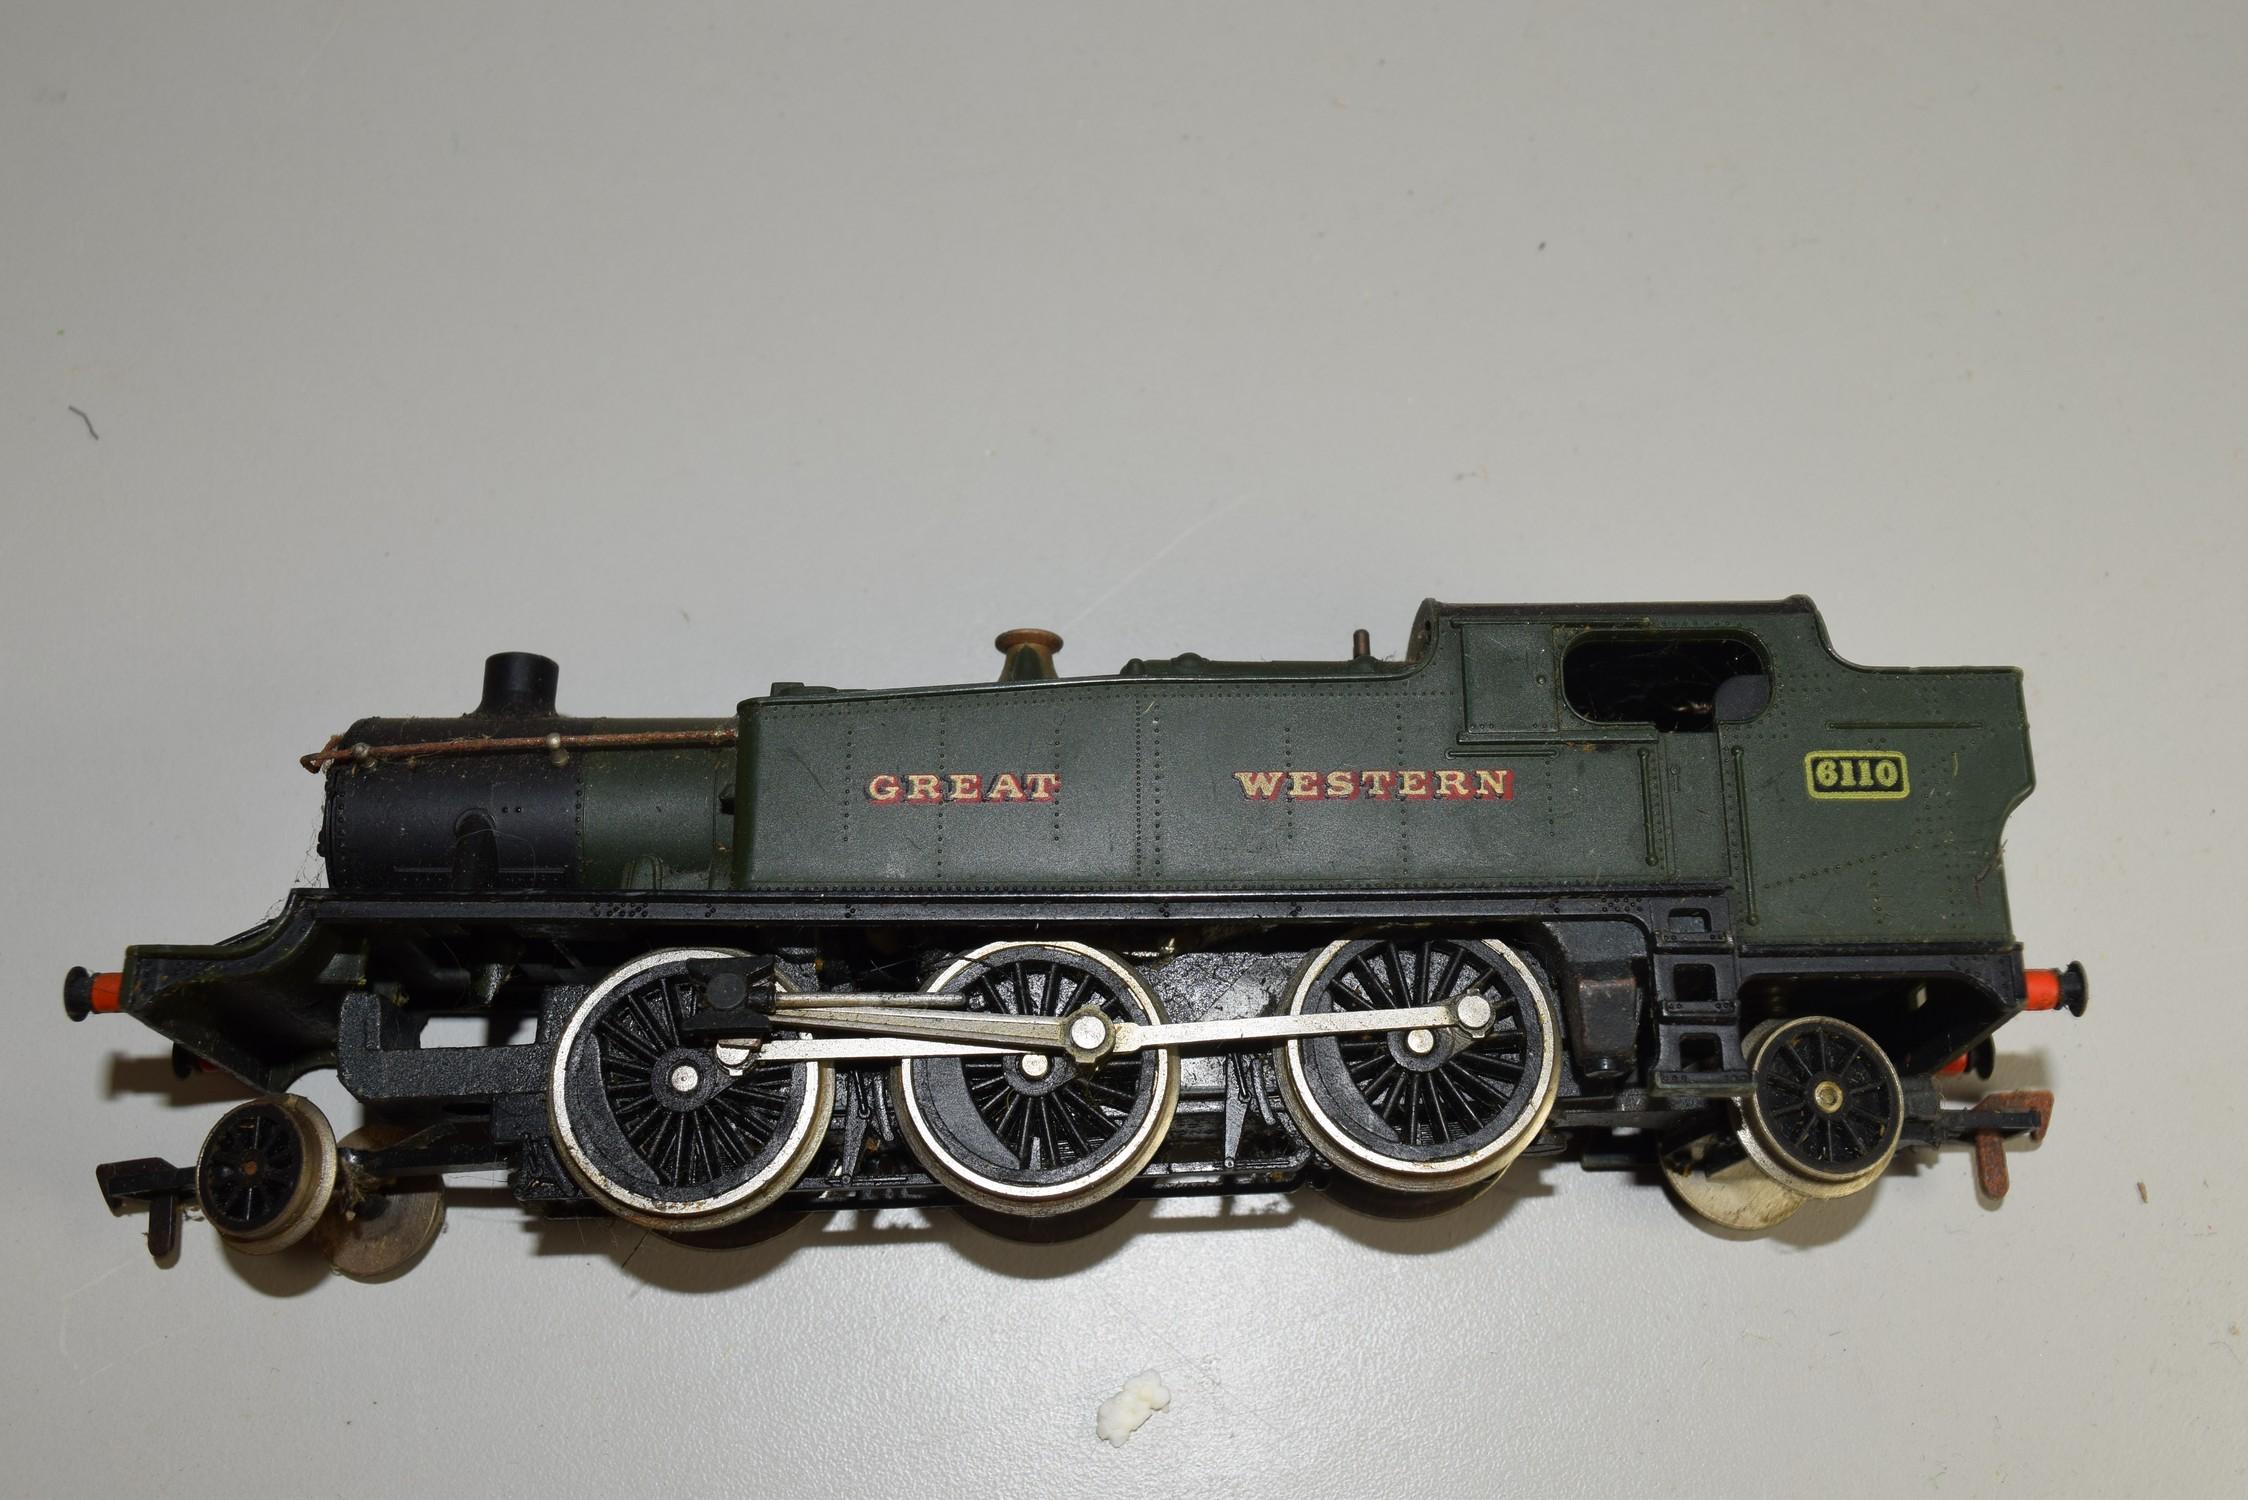 Unboxed Airfix GW locomotive no 6110